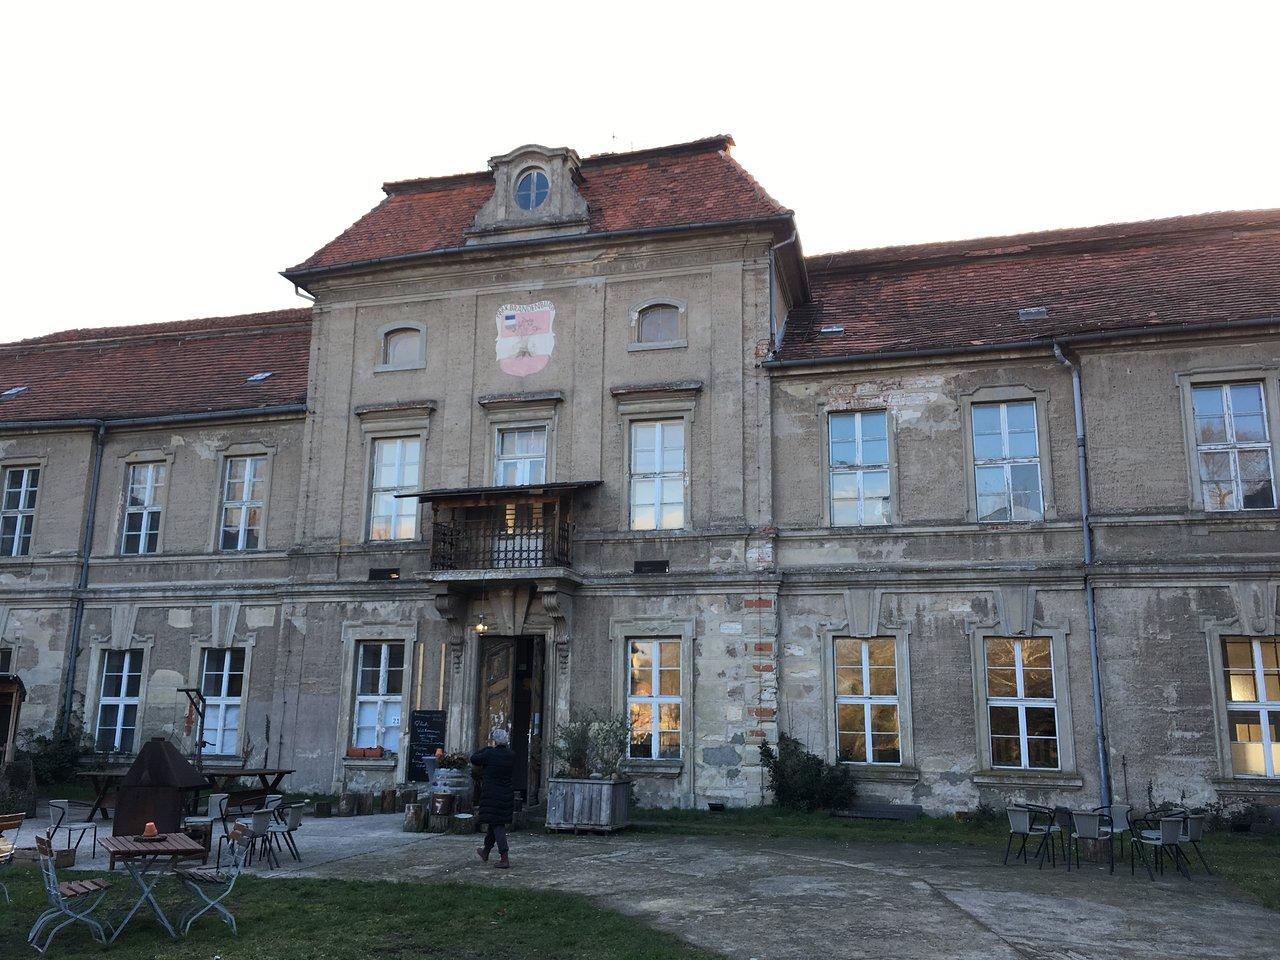 kino brandenburg an der havel